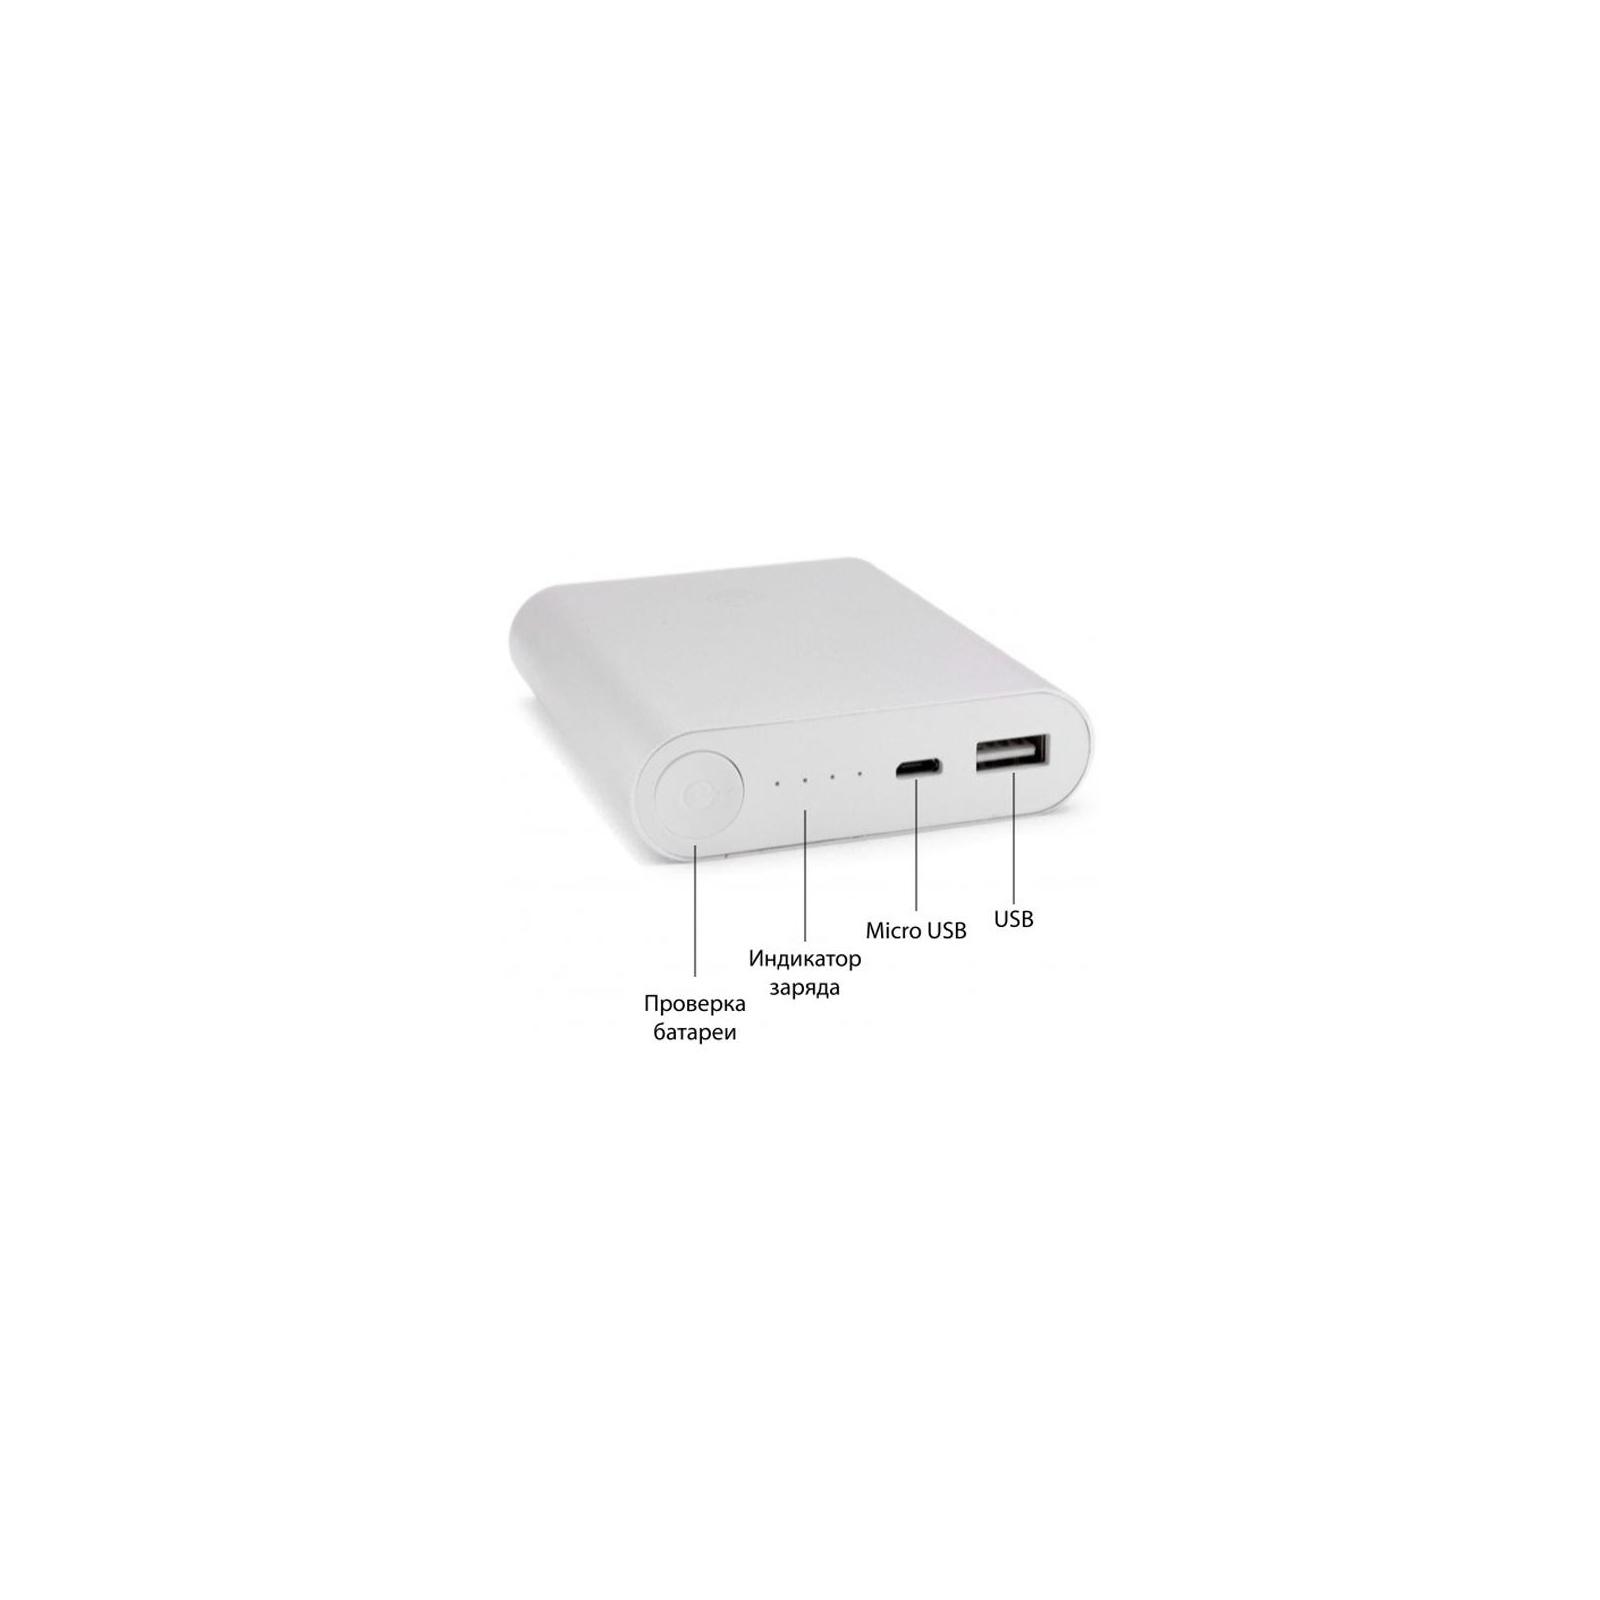 Батарея универсальная EXTRADIGITAL ED-86 Silver 10400 mAh 1*USB 5V/1.0A (PBU3424) изображение 11